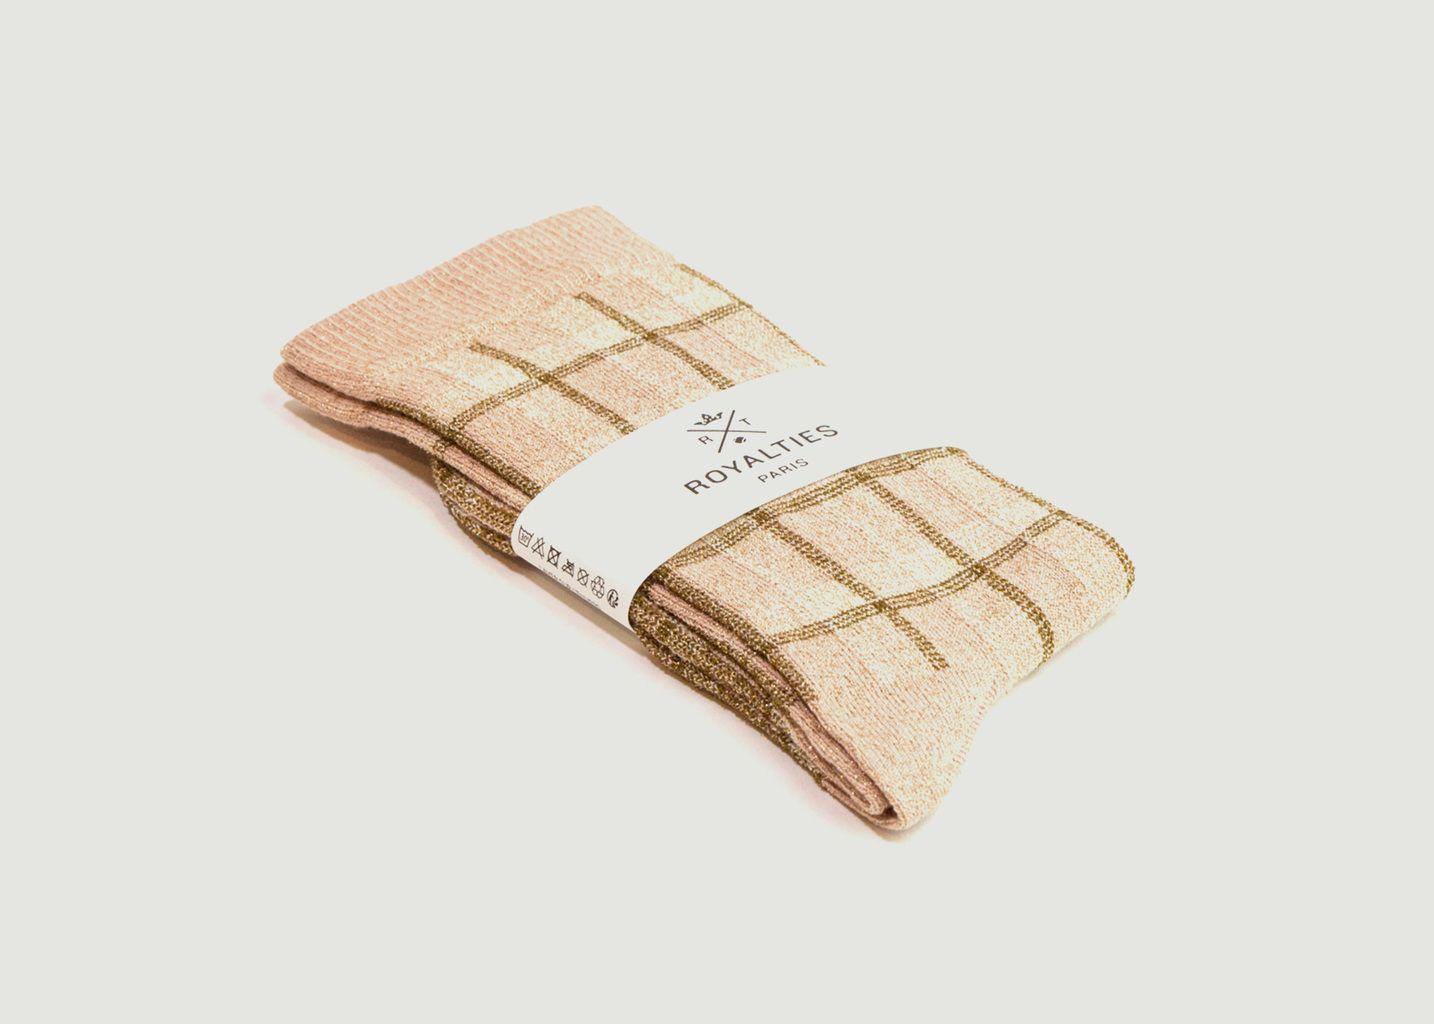 Chaussettes à carreaux Kim - Royalties